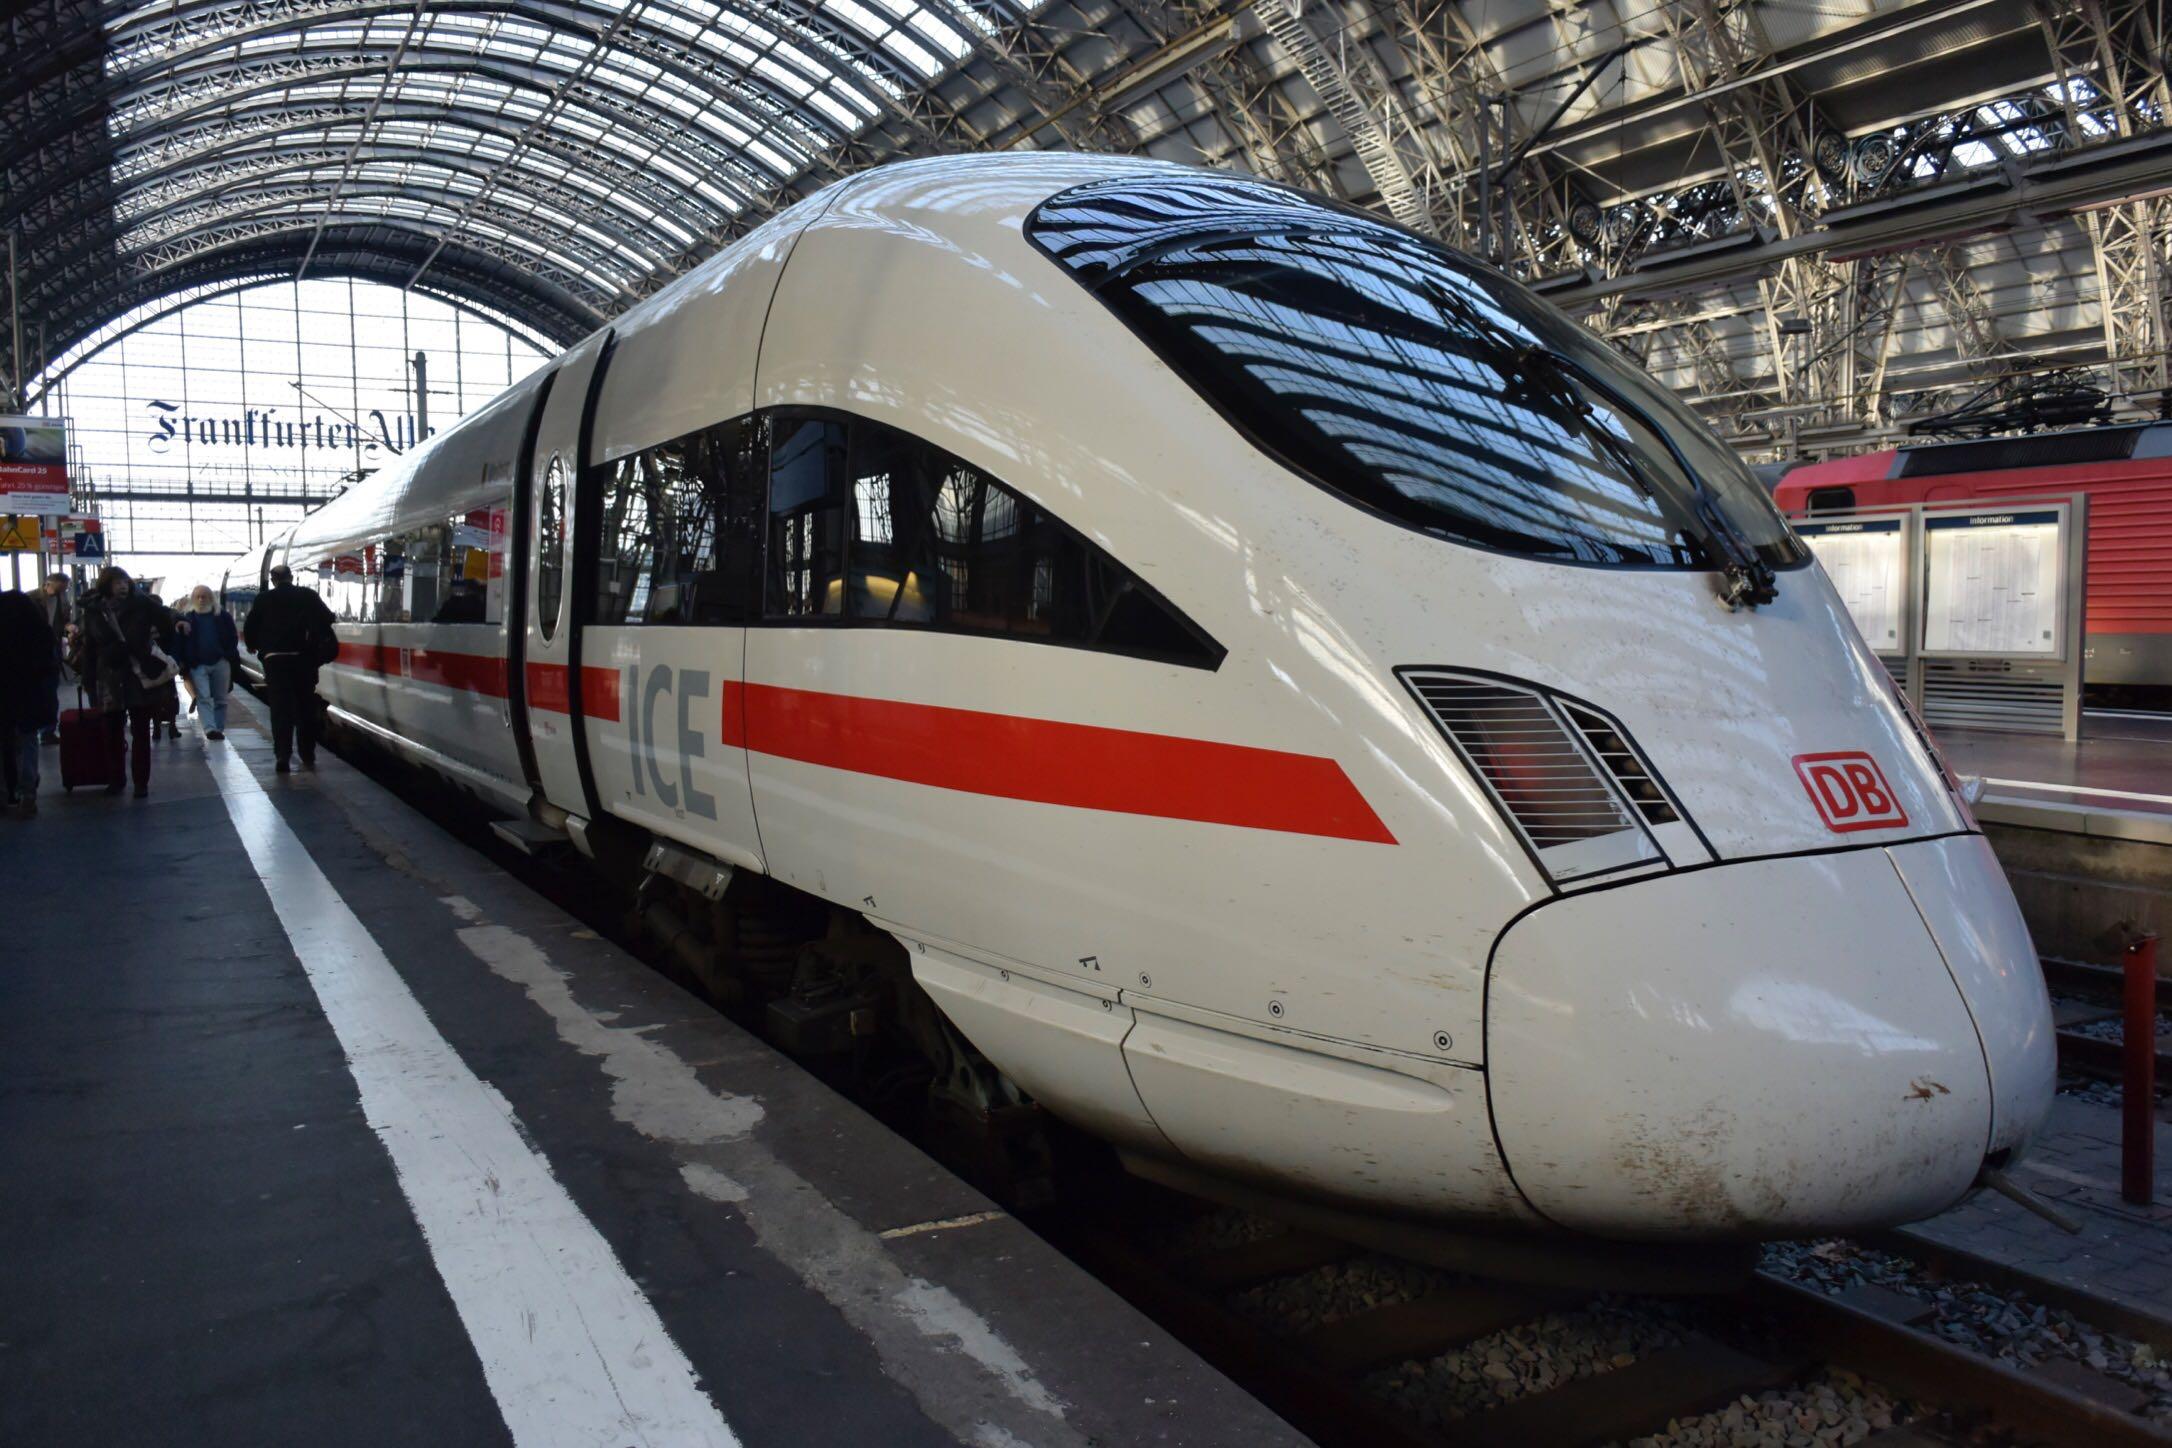 【海外】ドイツのトレインは主に平野で止まる:誰も動じません